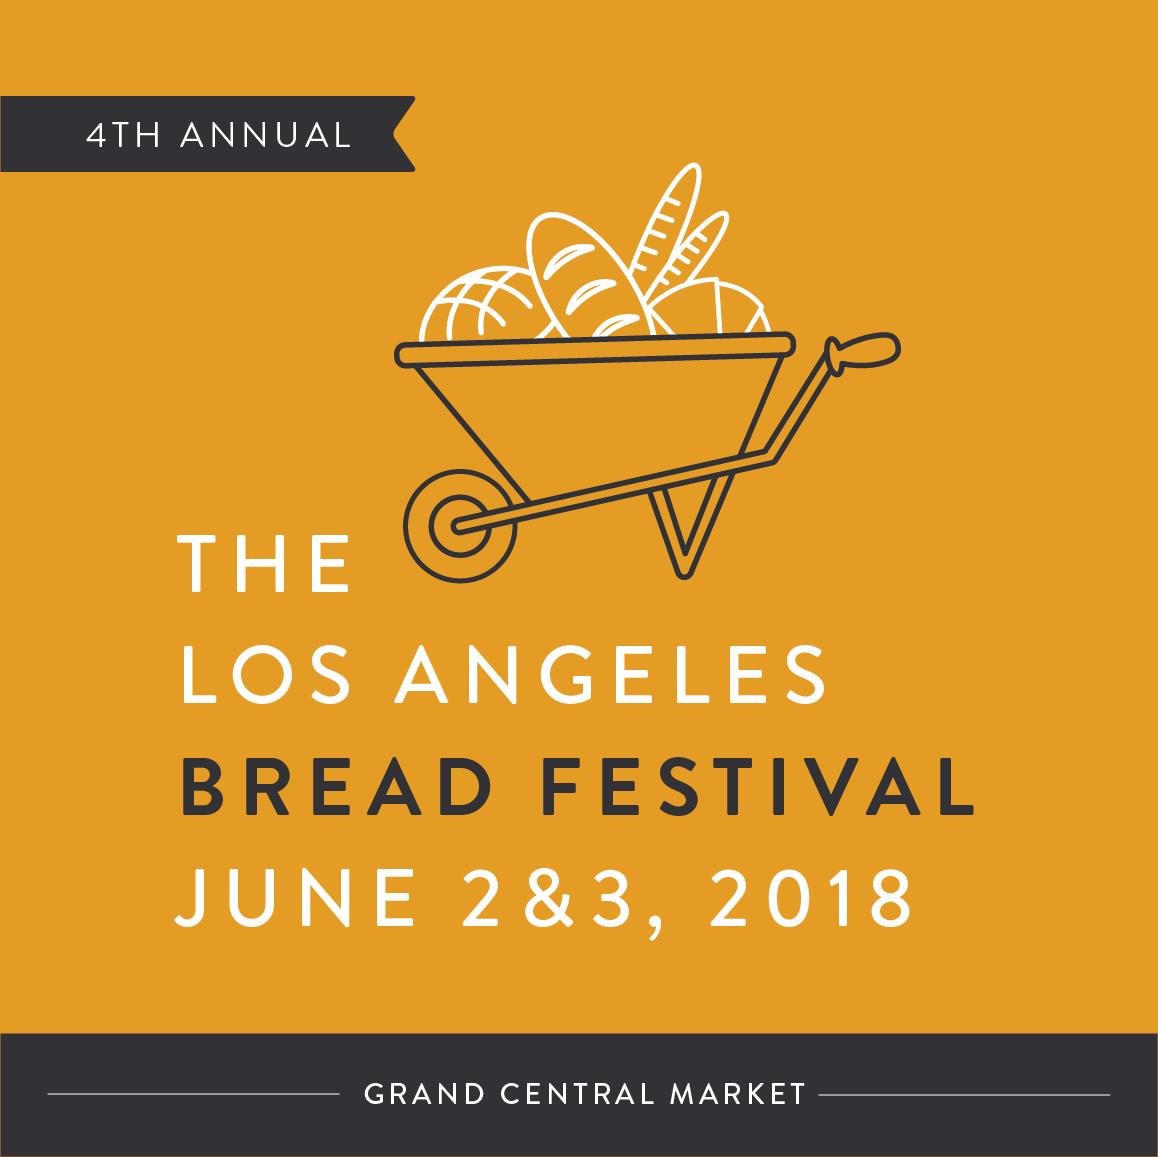 Grand Central Market's 4th Annual Los Angeles Bread